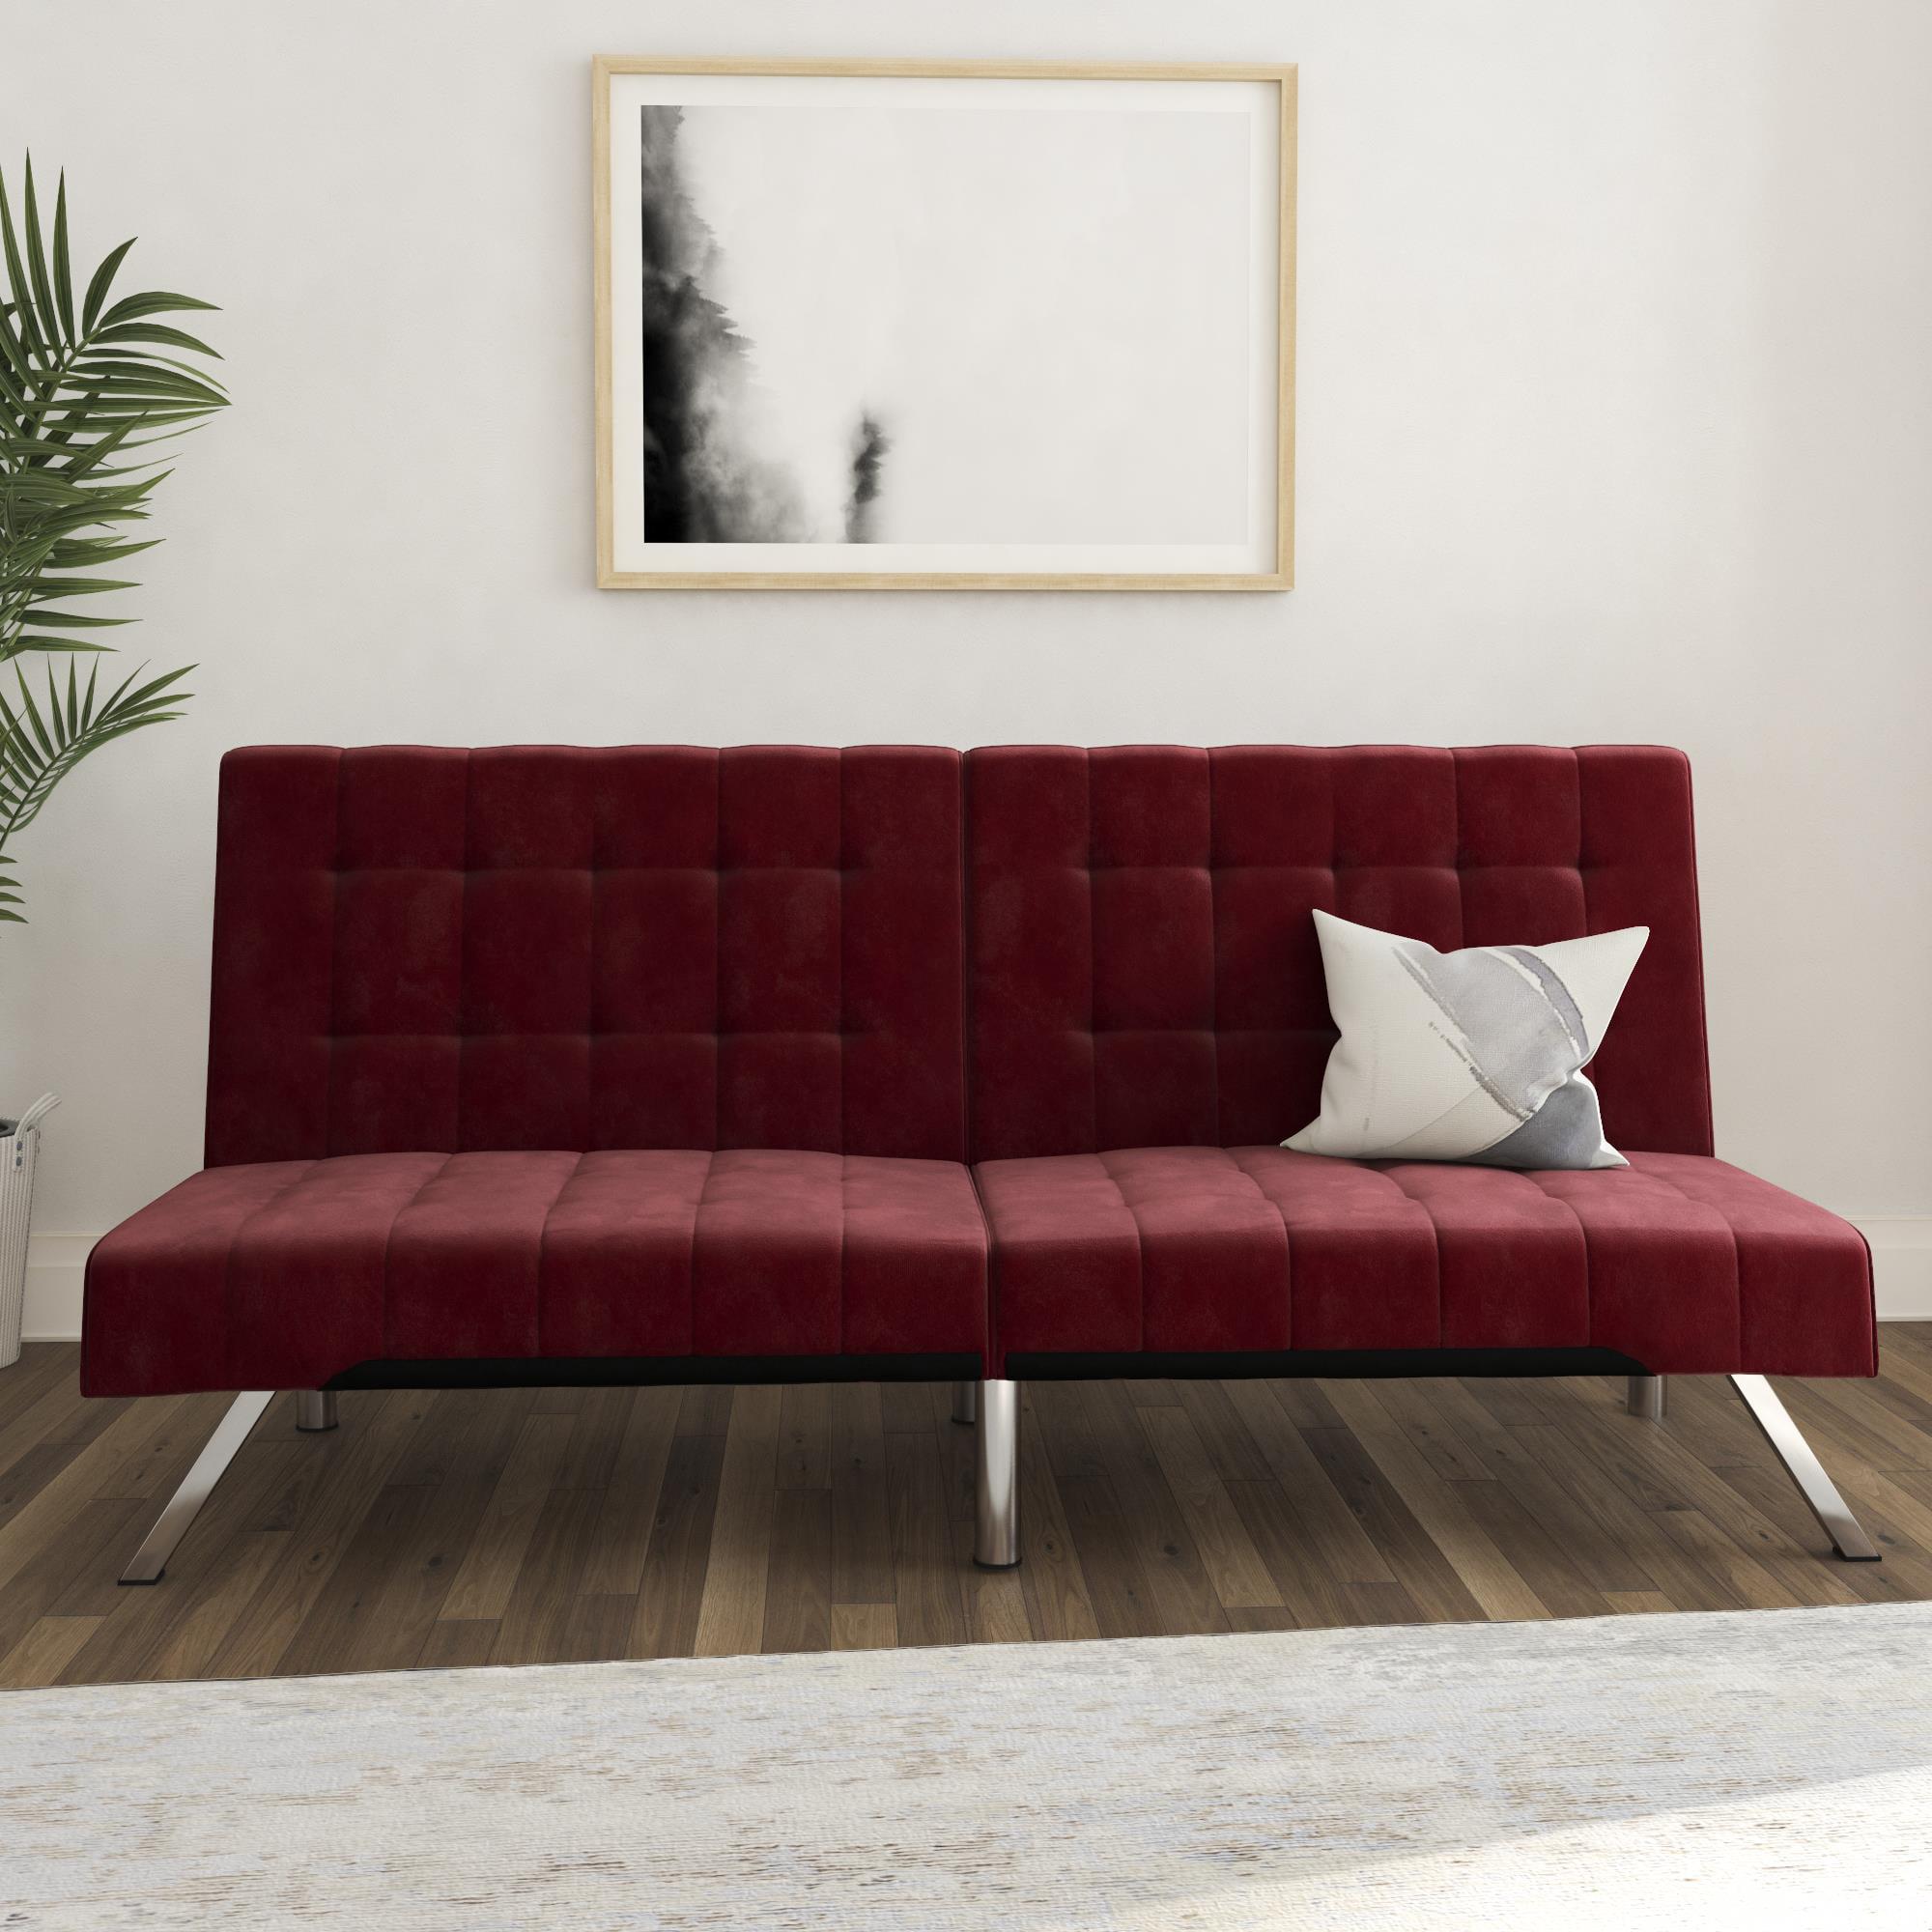 DHP Emily Convertible Tufted Futon Sofa, Burgundy Velvet ...